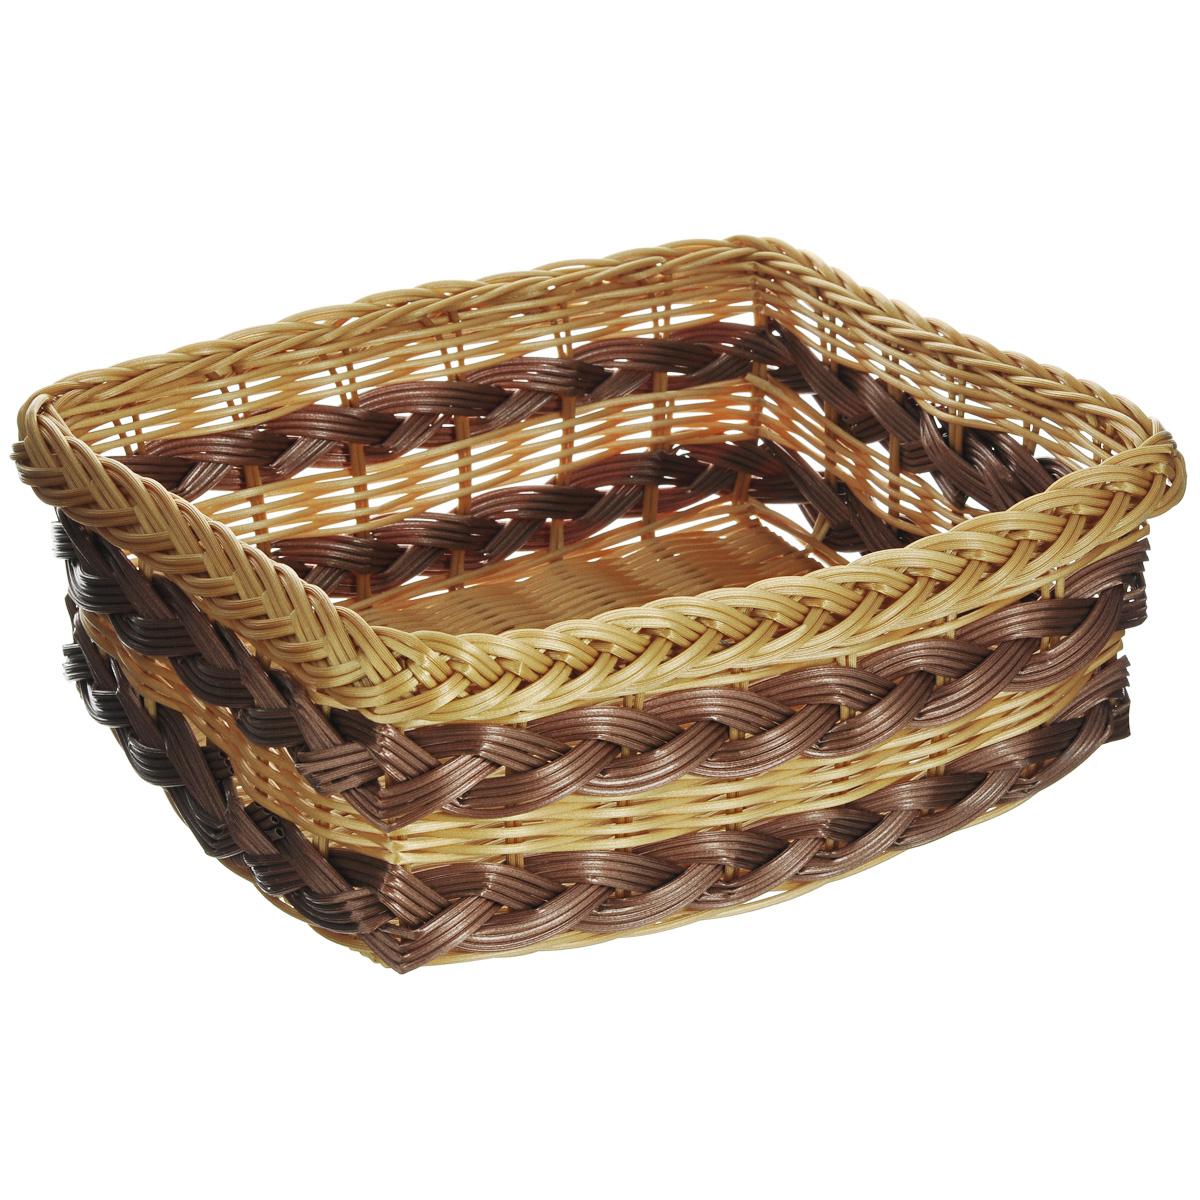 Корзинка для фруктов Kesper, 32 см х 26 см х 12 см. 1781-31781-3Оригинальная плетеная корзинка Kesper прямоугольной формы, выполнена из пластика, напоминающего фактуру дерева. Корзинка прекрасно подойдет для вашей кухни. Она предназначена для красивой сервировки фруктов. Изящный дизайн придется по вкусу и ценителям классики, и тем, кто предпочитает утонченность и изысканность. Можно мыть в посудомоечной машине. Размер корзинки: 32 см х 26 см х 12 см.